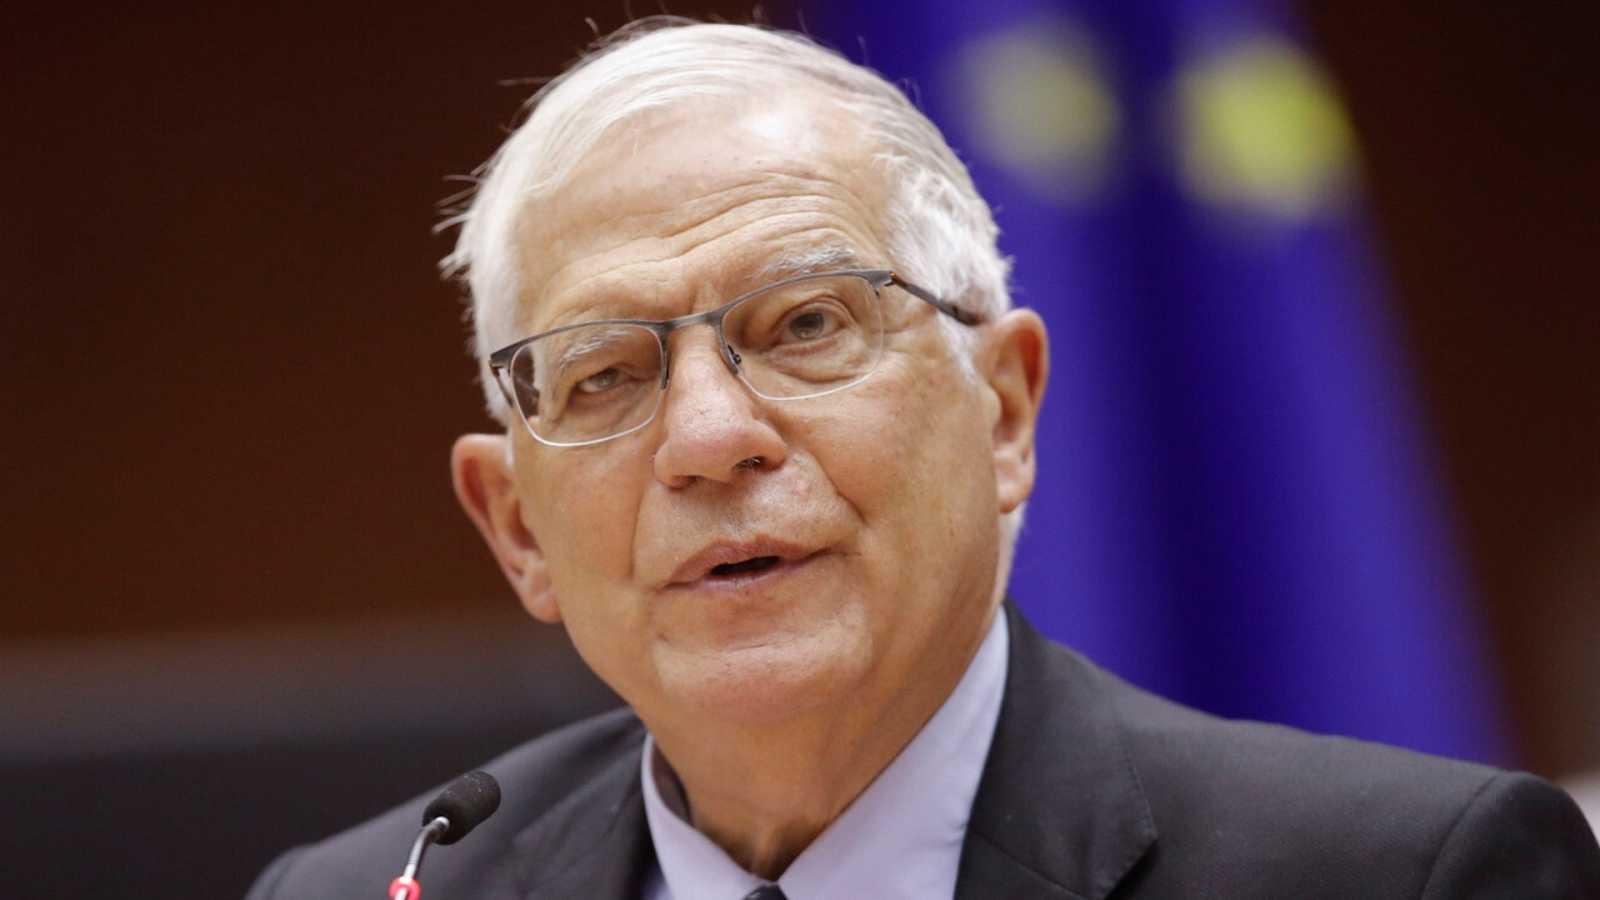 Borrell recuerda que Marruecos ha recibido millones en ayudas de la UE gracias a la mediación española - Ver ahora